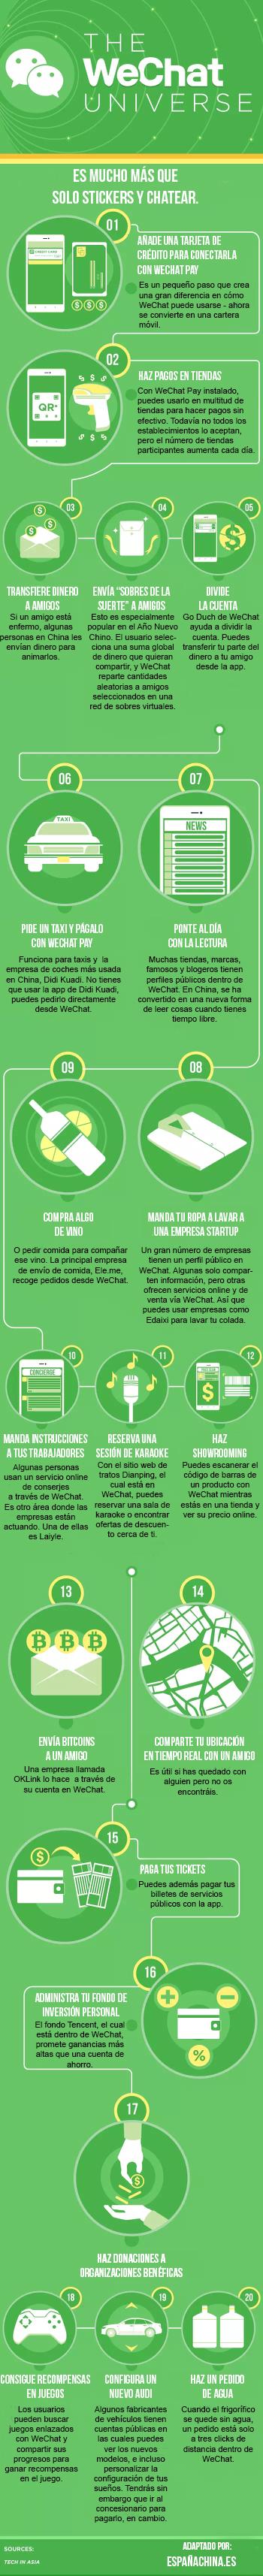 infografía de WeChat